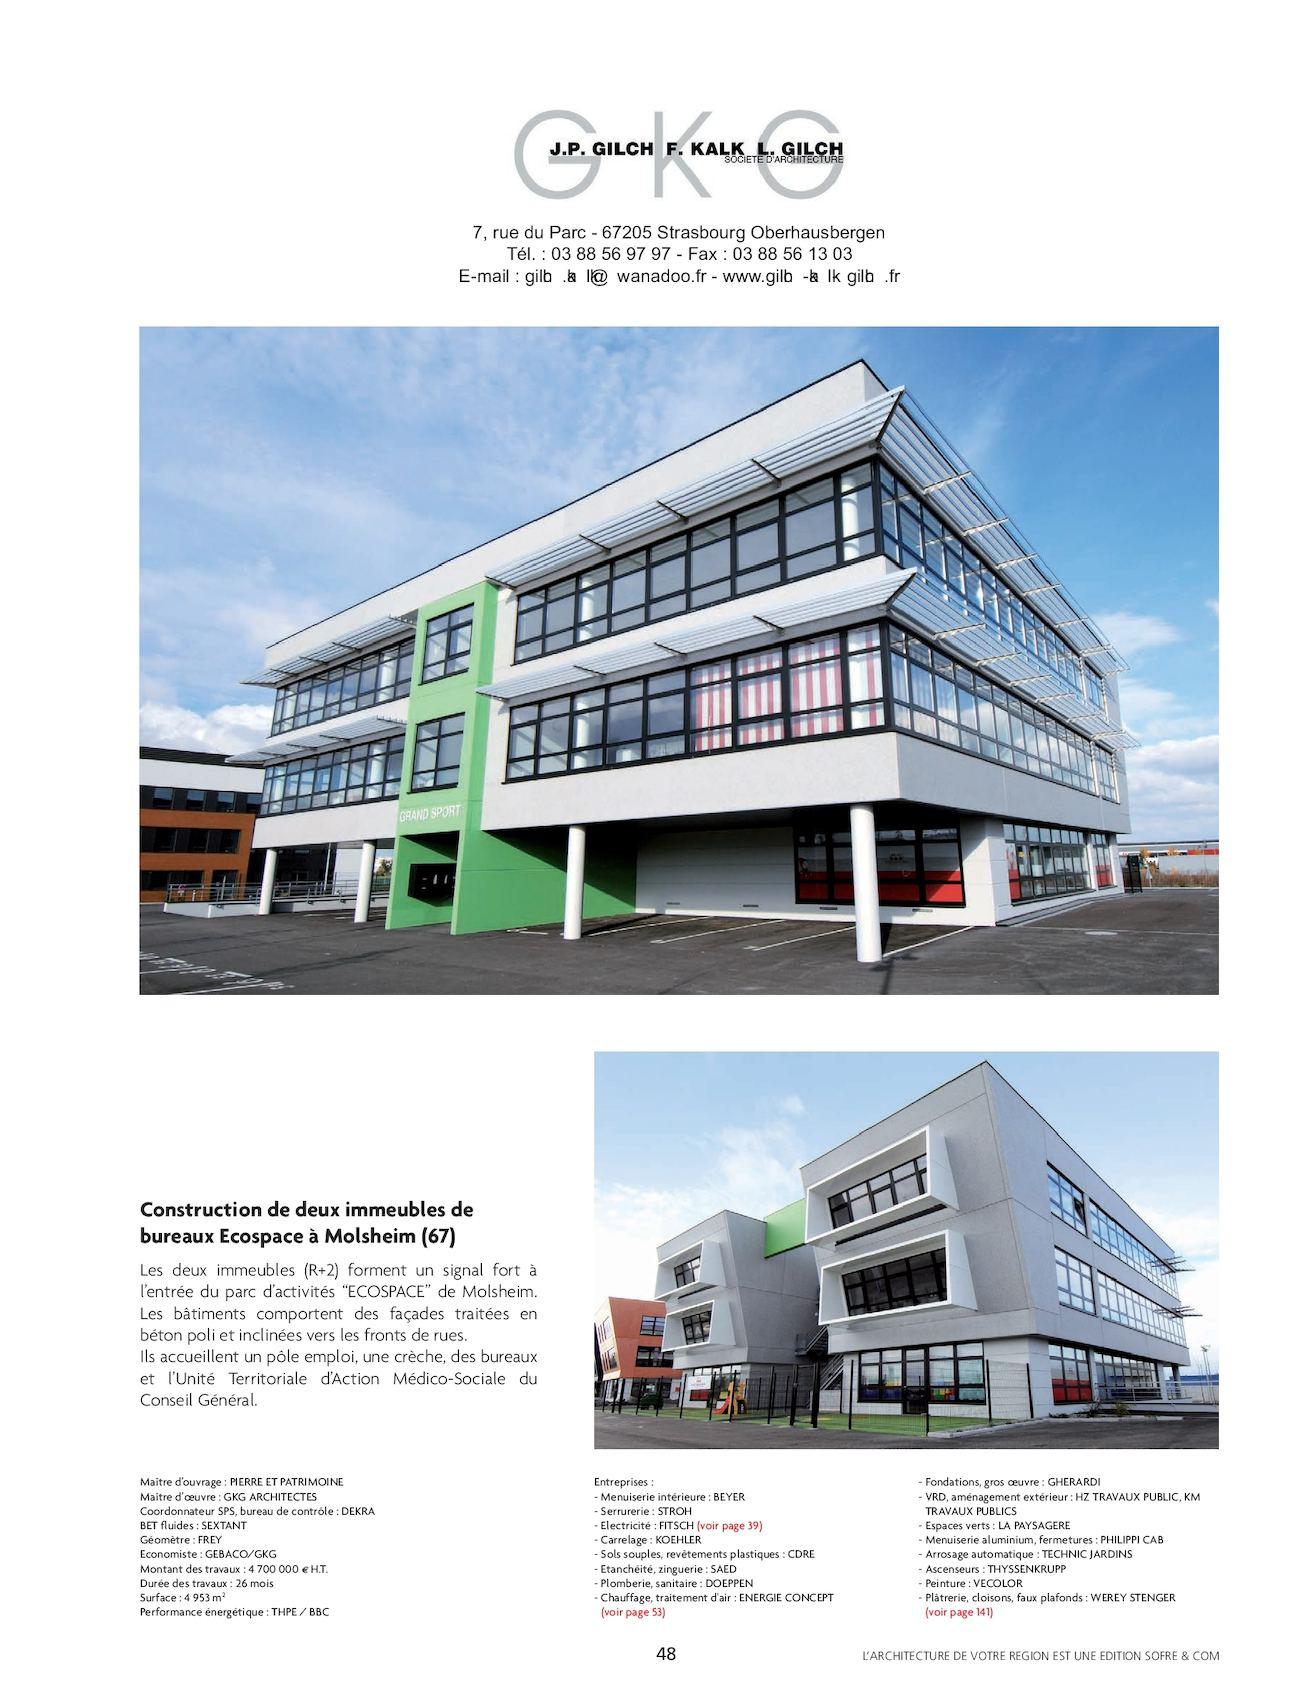 LARCHITECTURE DE VOTRE REGION ALSACE CALAMEO Downloader - Carrelage koehler